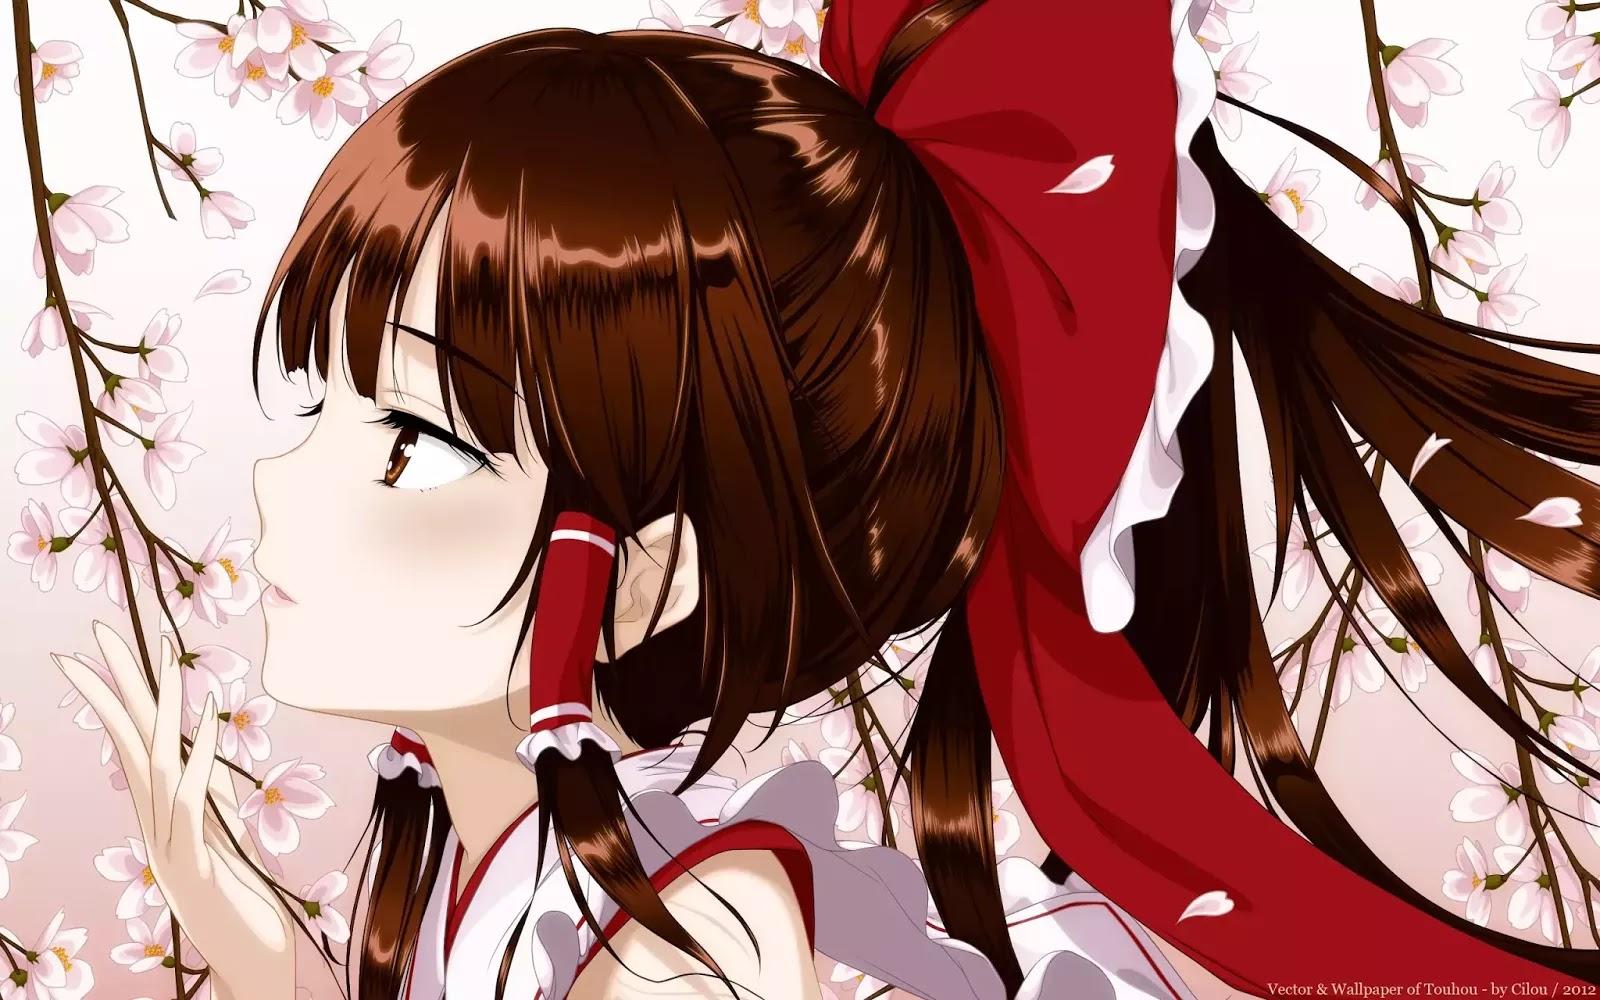 AowVN%2B%252842%2529 - [ Hình Nền ] Loli cực đẹp , cực độc Full HD | Anime Wallpaper